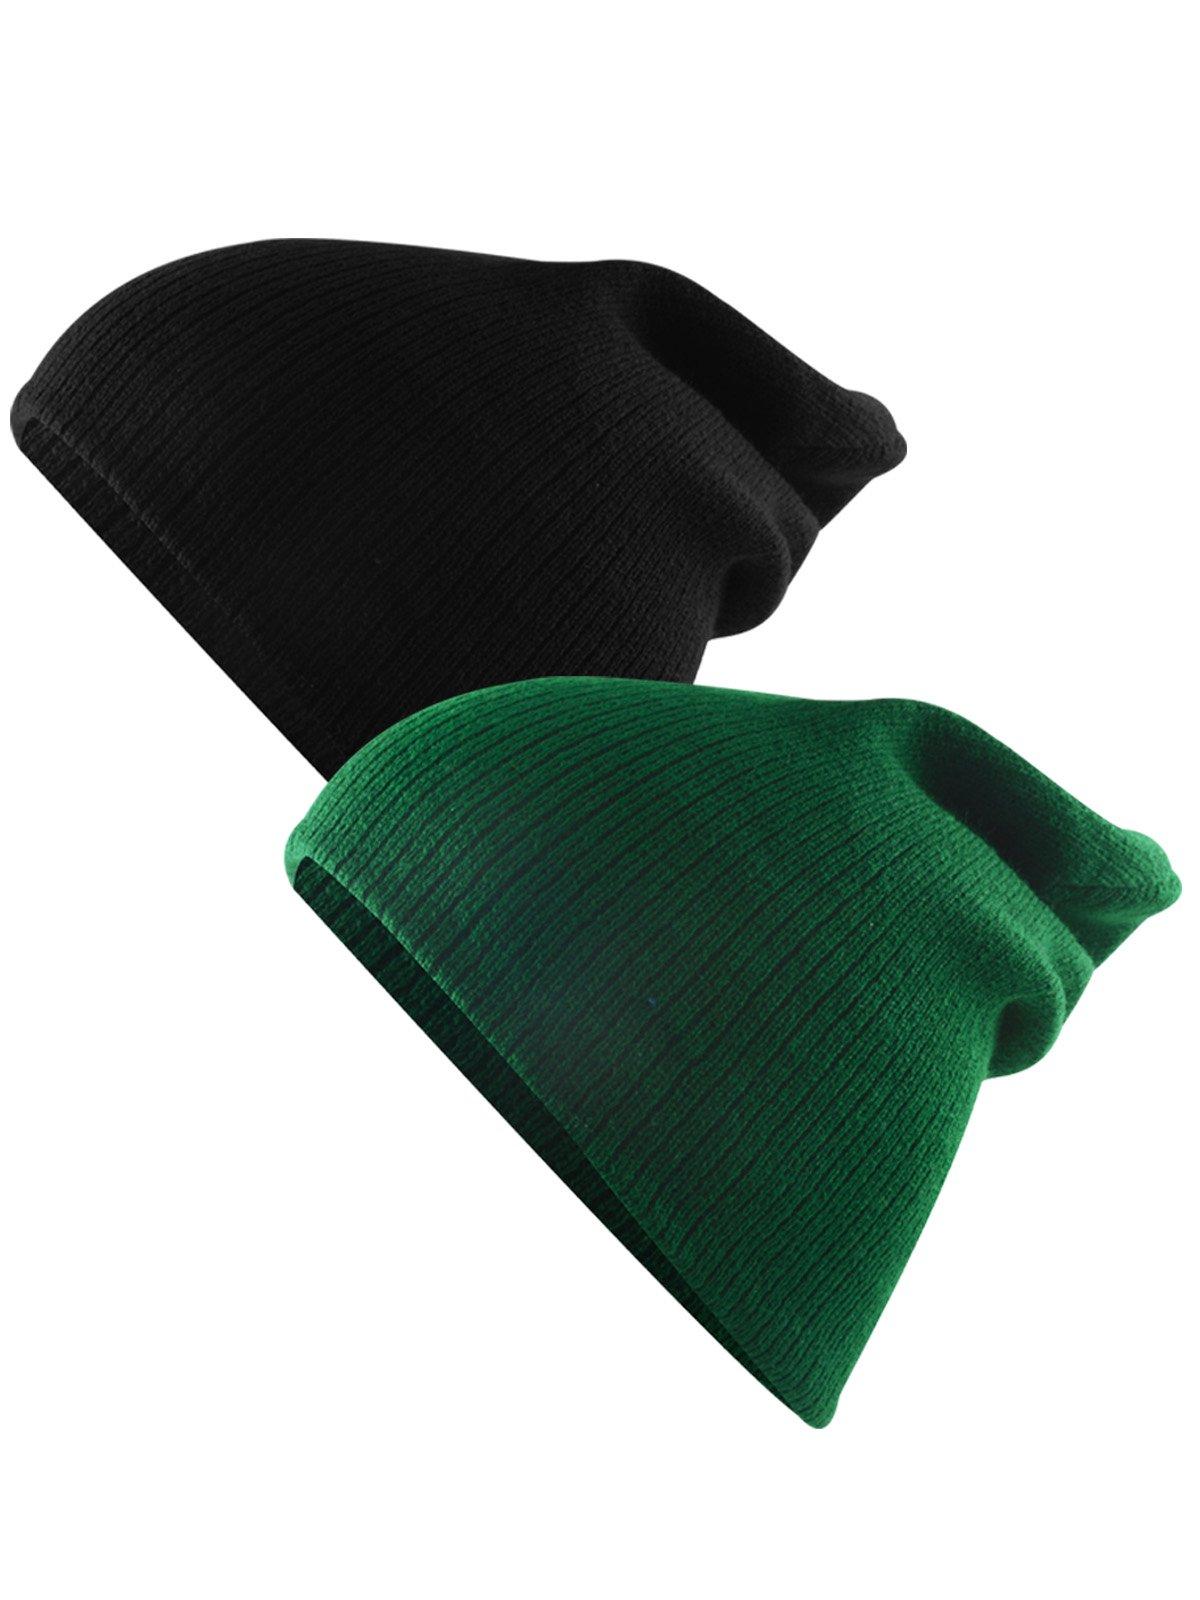 Century Star Unisex Kids Knit Cute Cuff Baggy Hip-hop Slouchy Hat Warm Children Beanie Boys Girls Black Dark Green 2 Pack